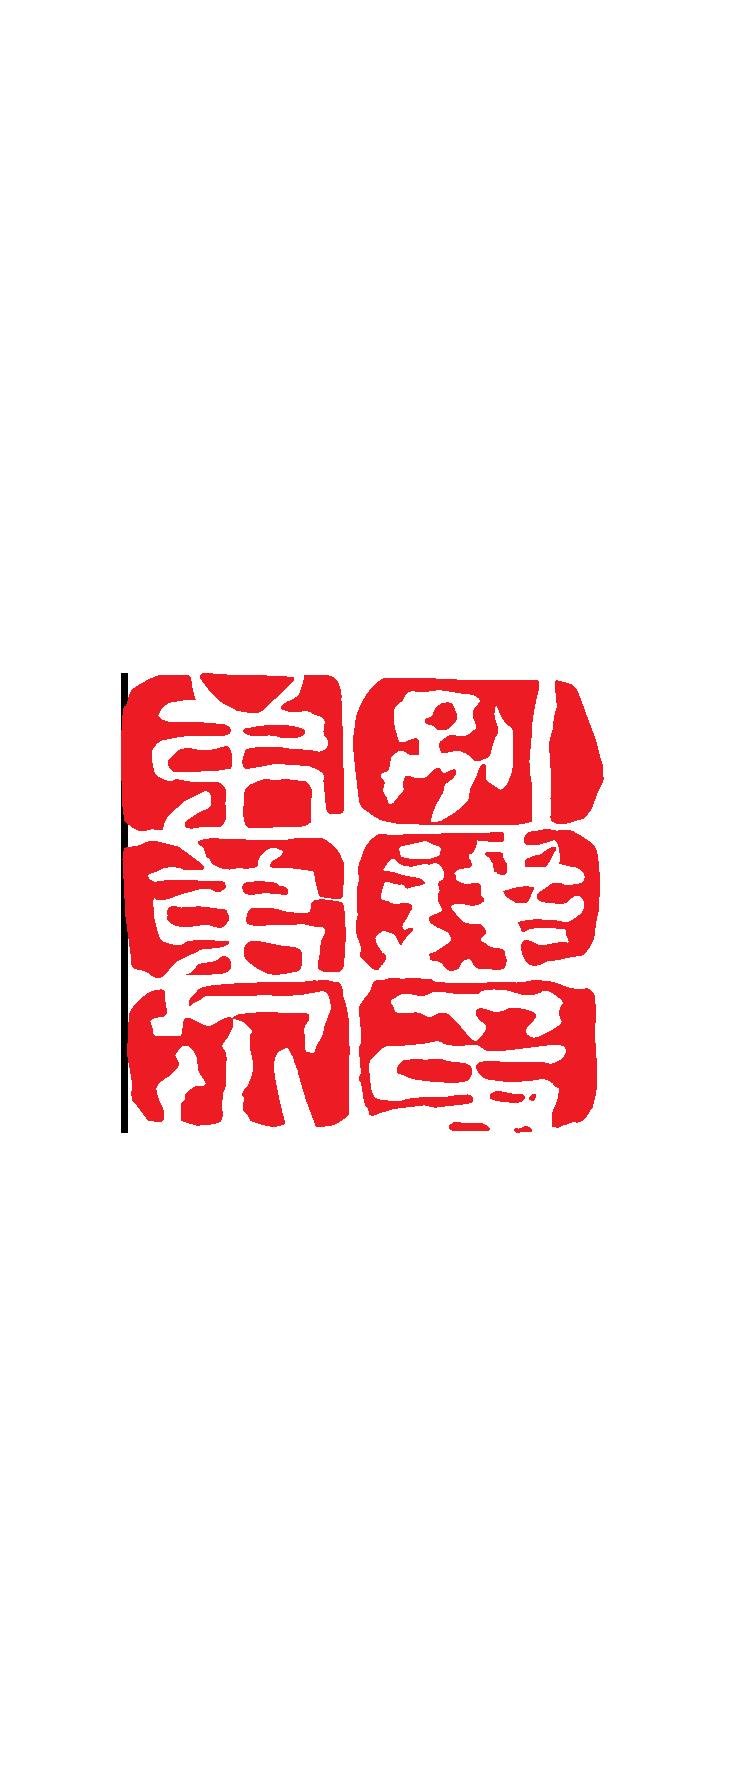 ADWCT